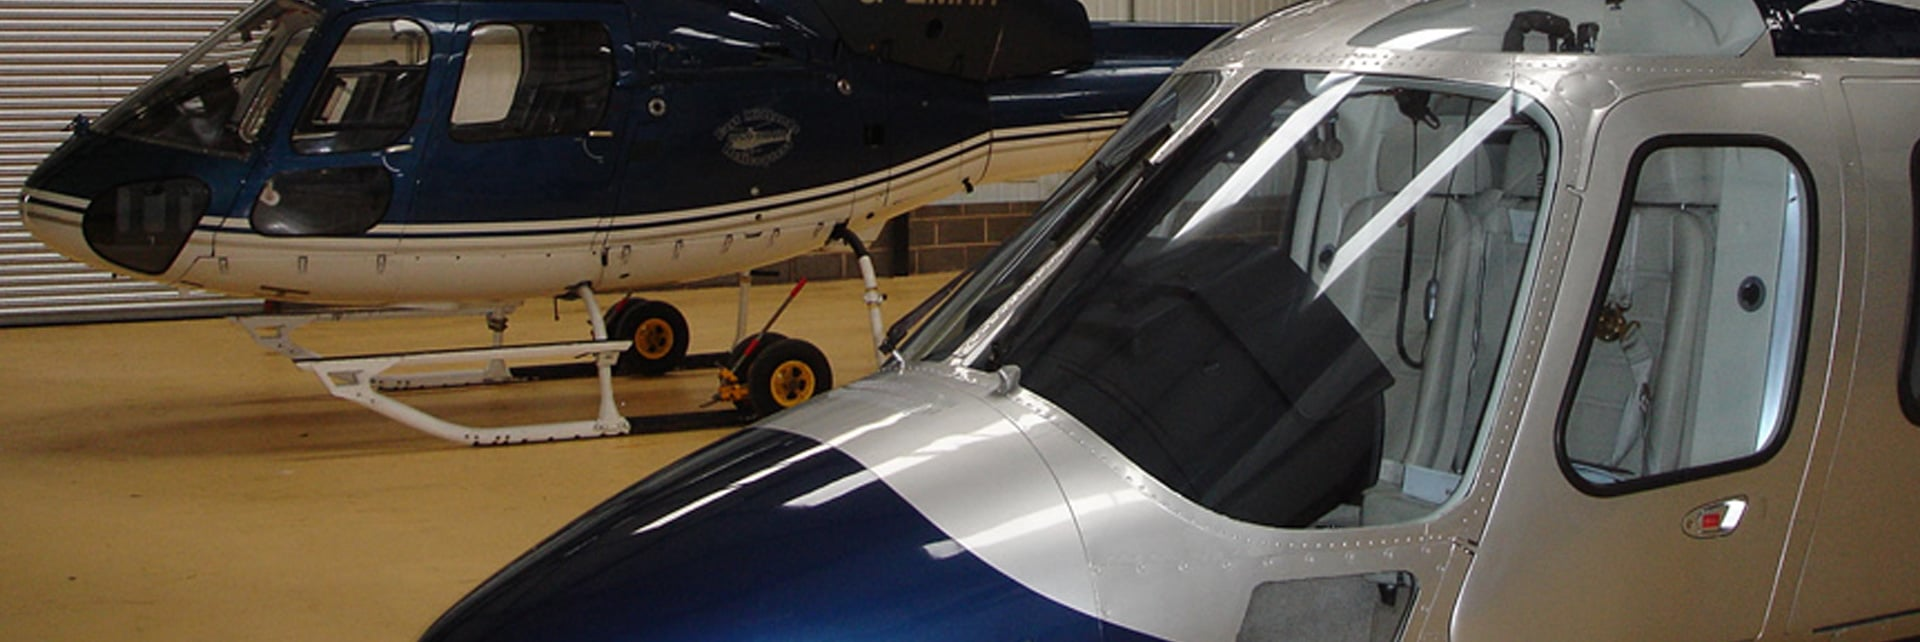 Aircraft Hangars